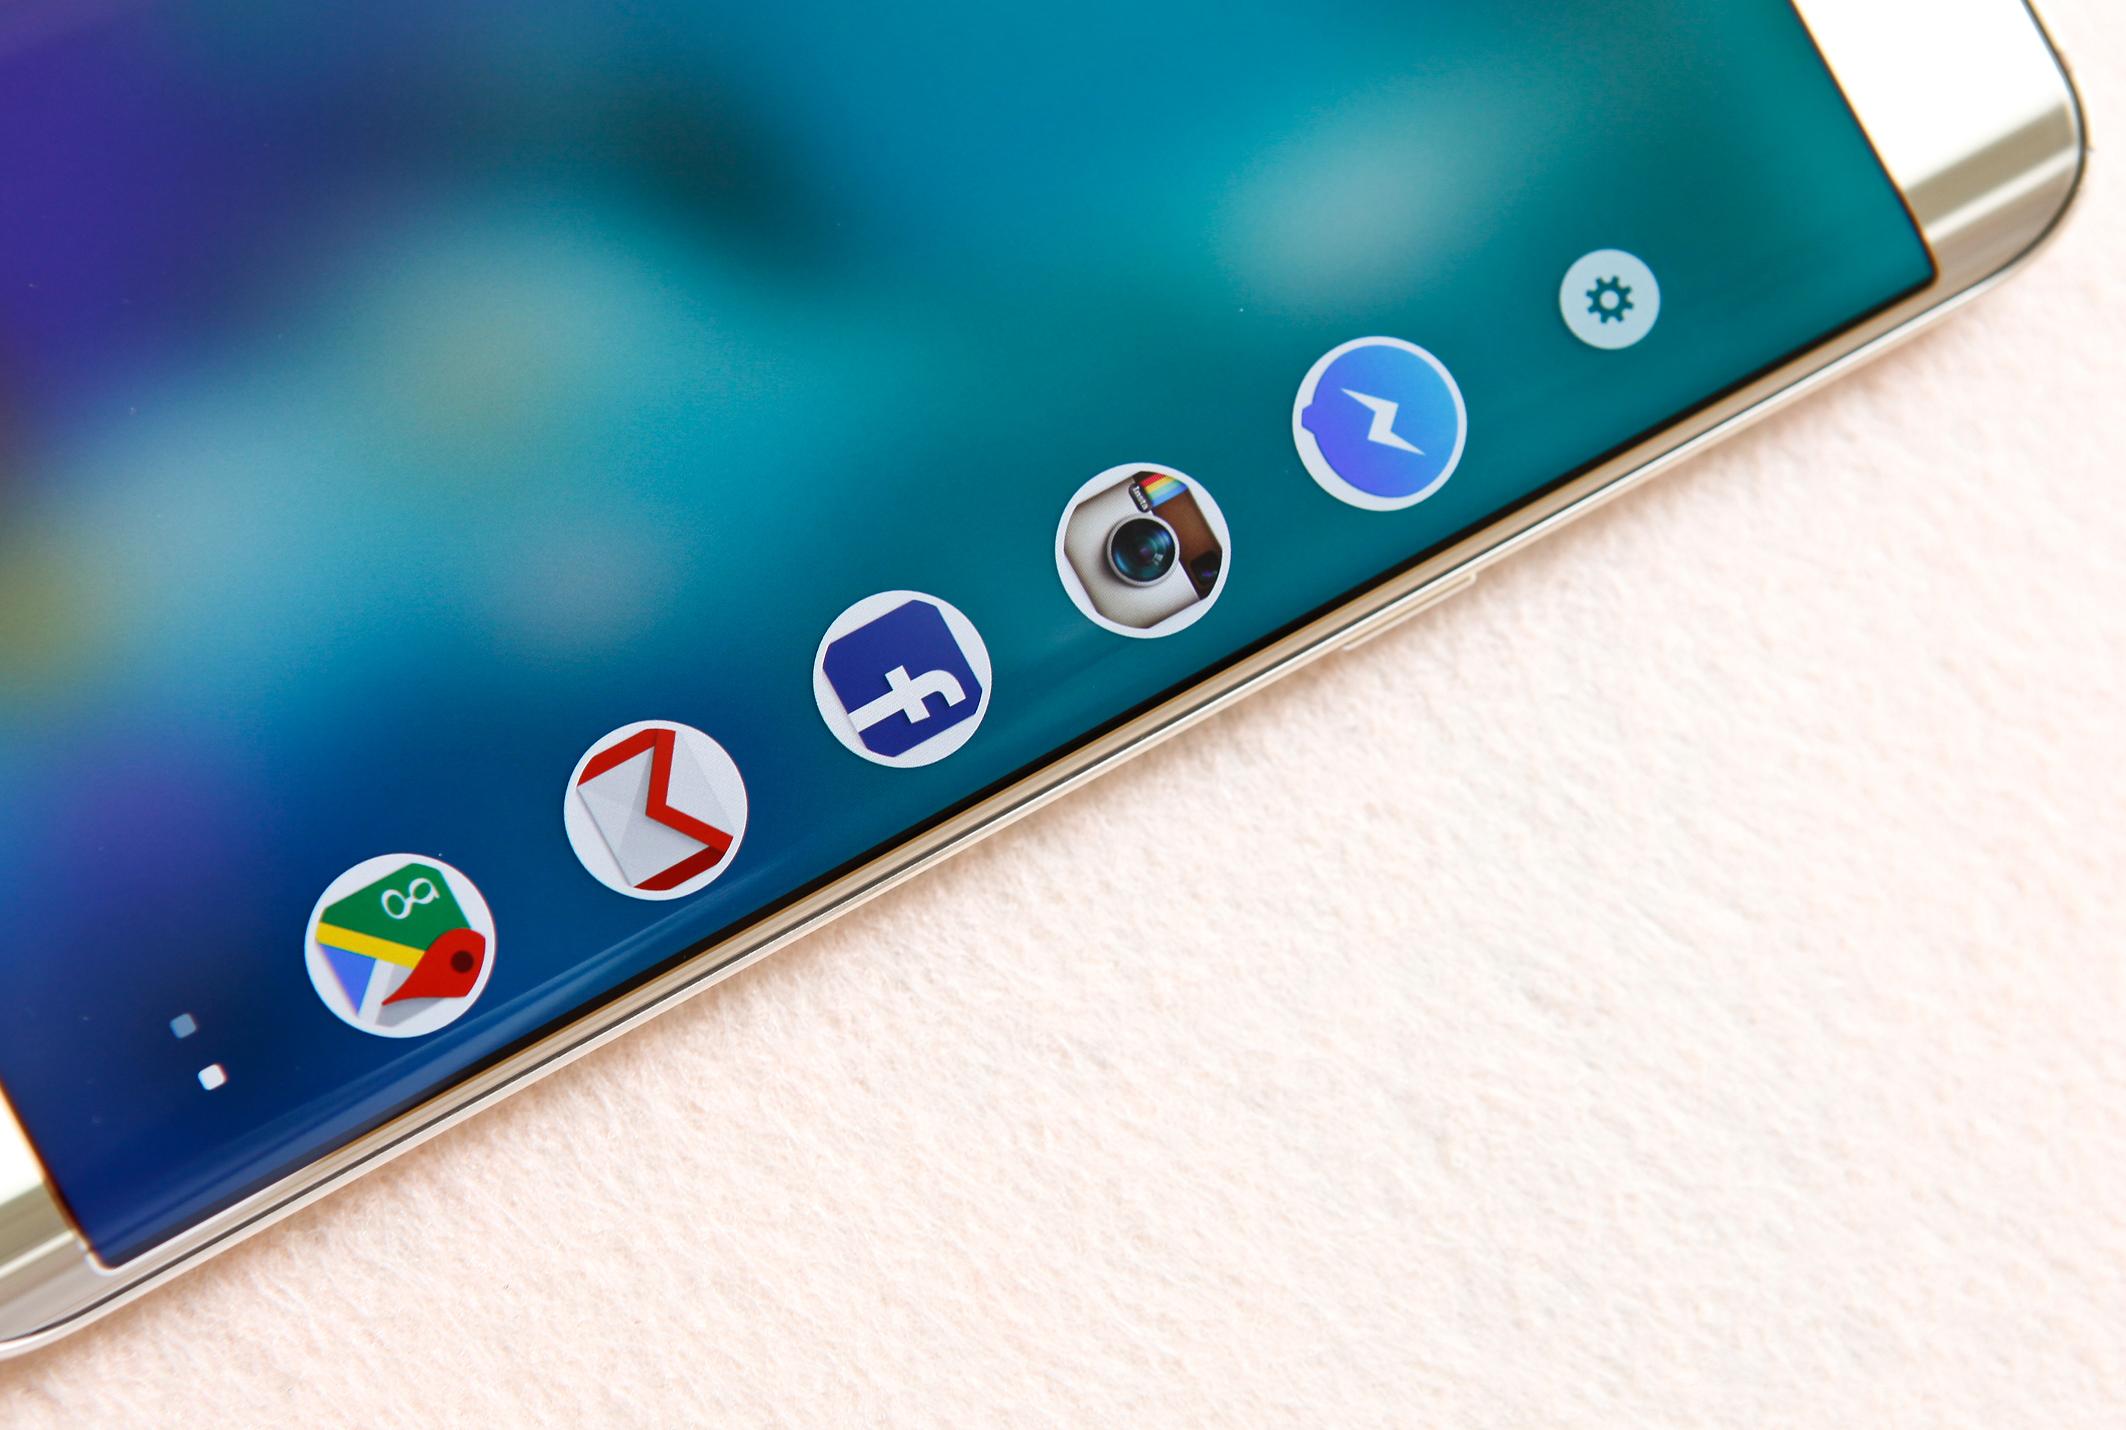 Samsung Galaxy S6 Edge Plus màn hình hiển thị cực đẹp